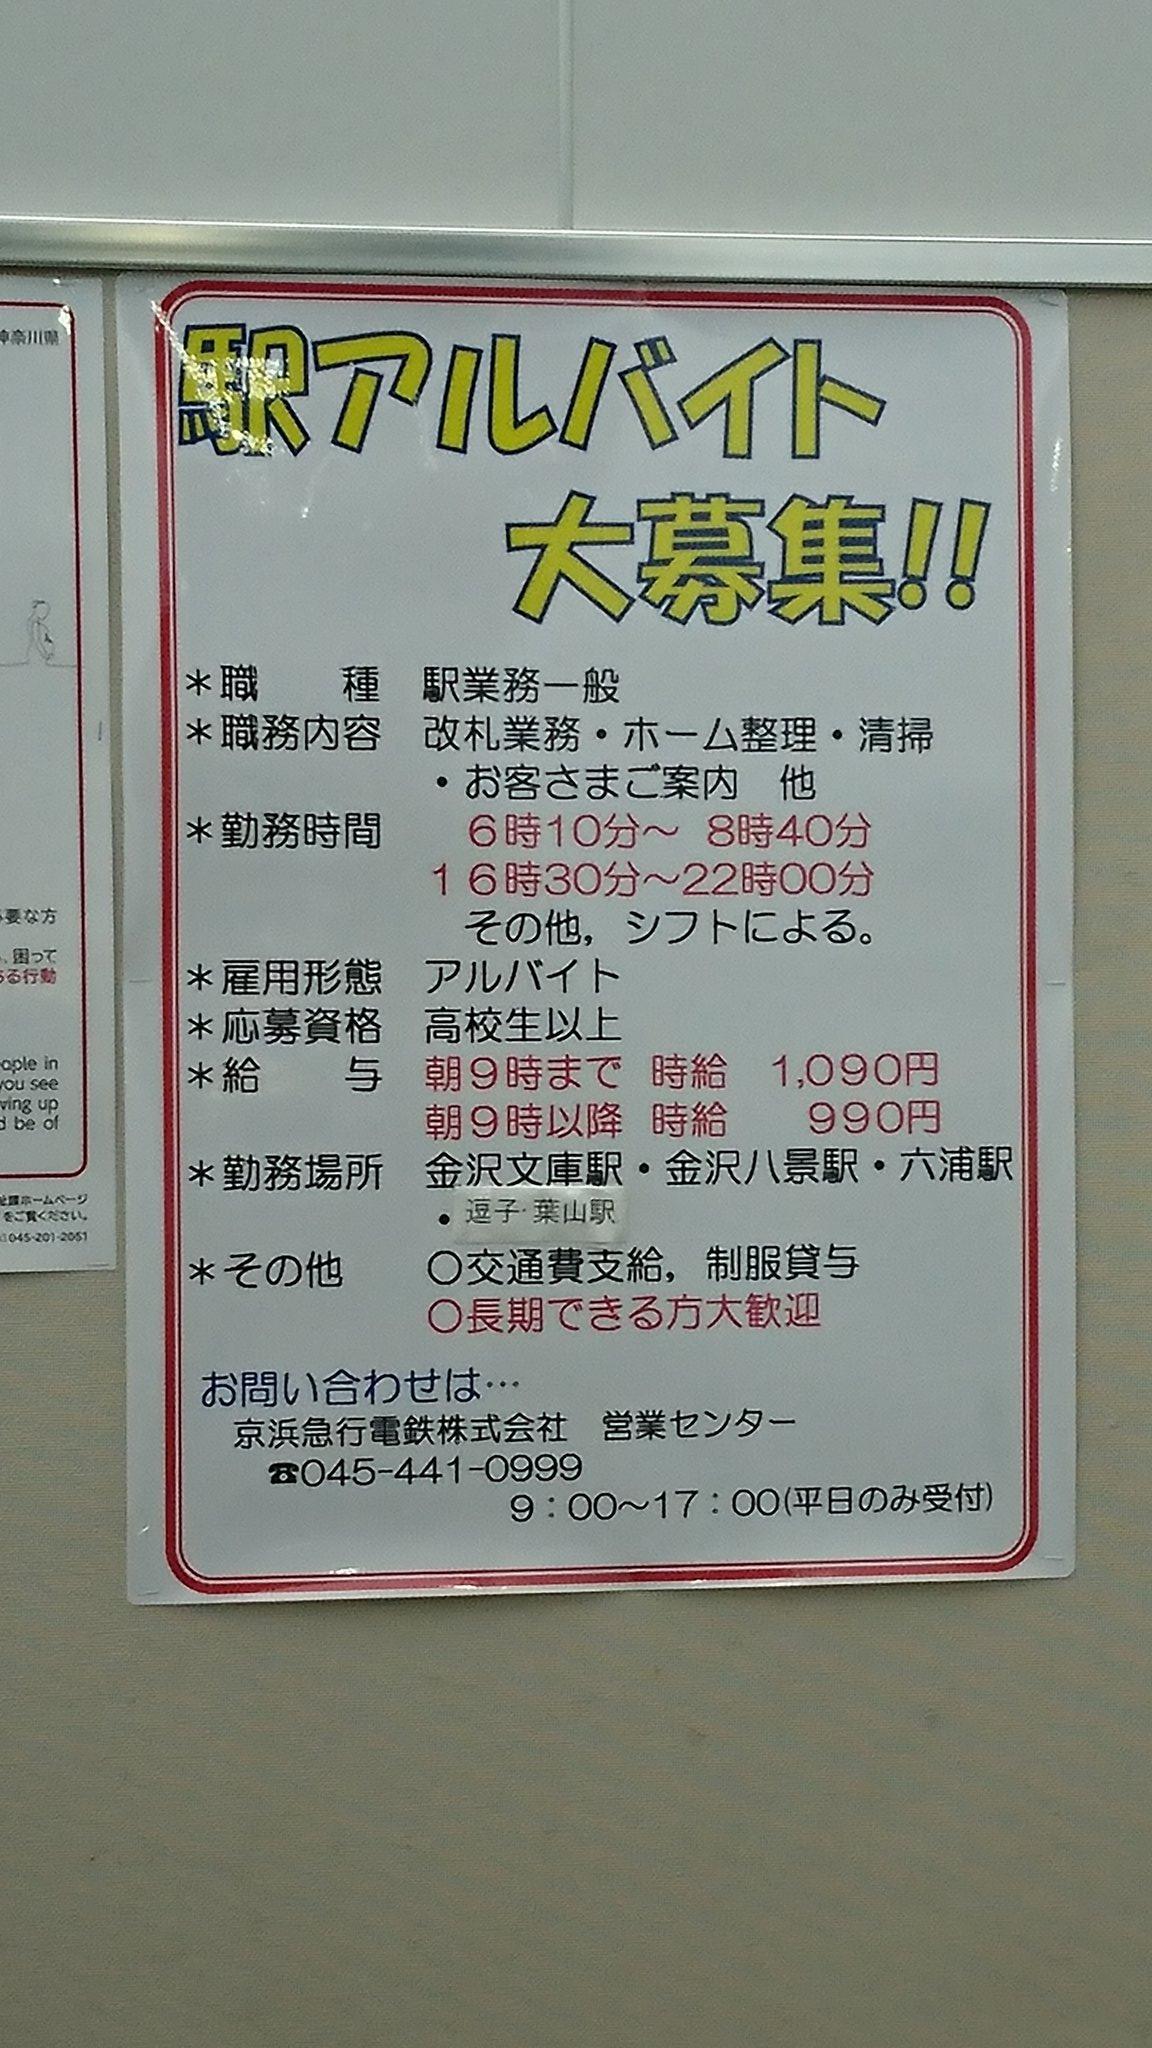 【京急電鉄】駅業務のバイトを最低賃金以下で募集 ネットで話題になり慌ててポスターを撤去